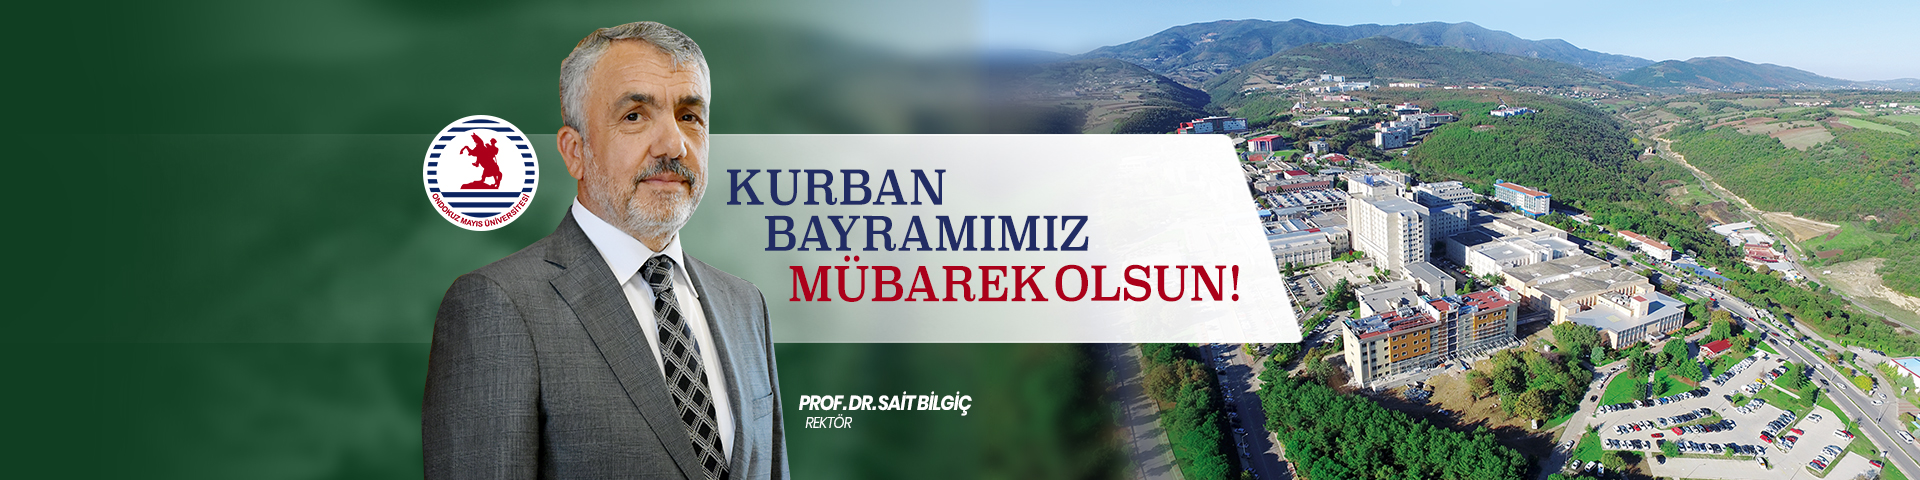 Rektör Bilgiç, Kurban Bayramımız Mübarek Olsun